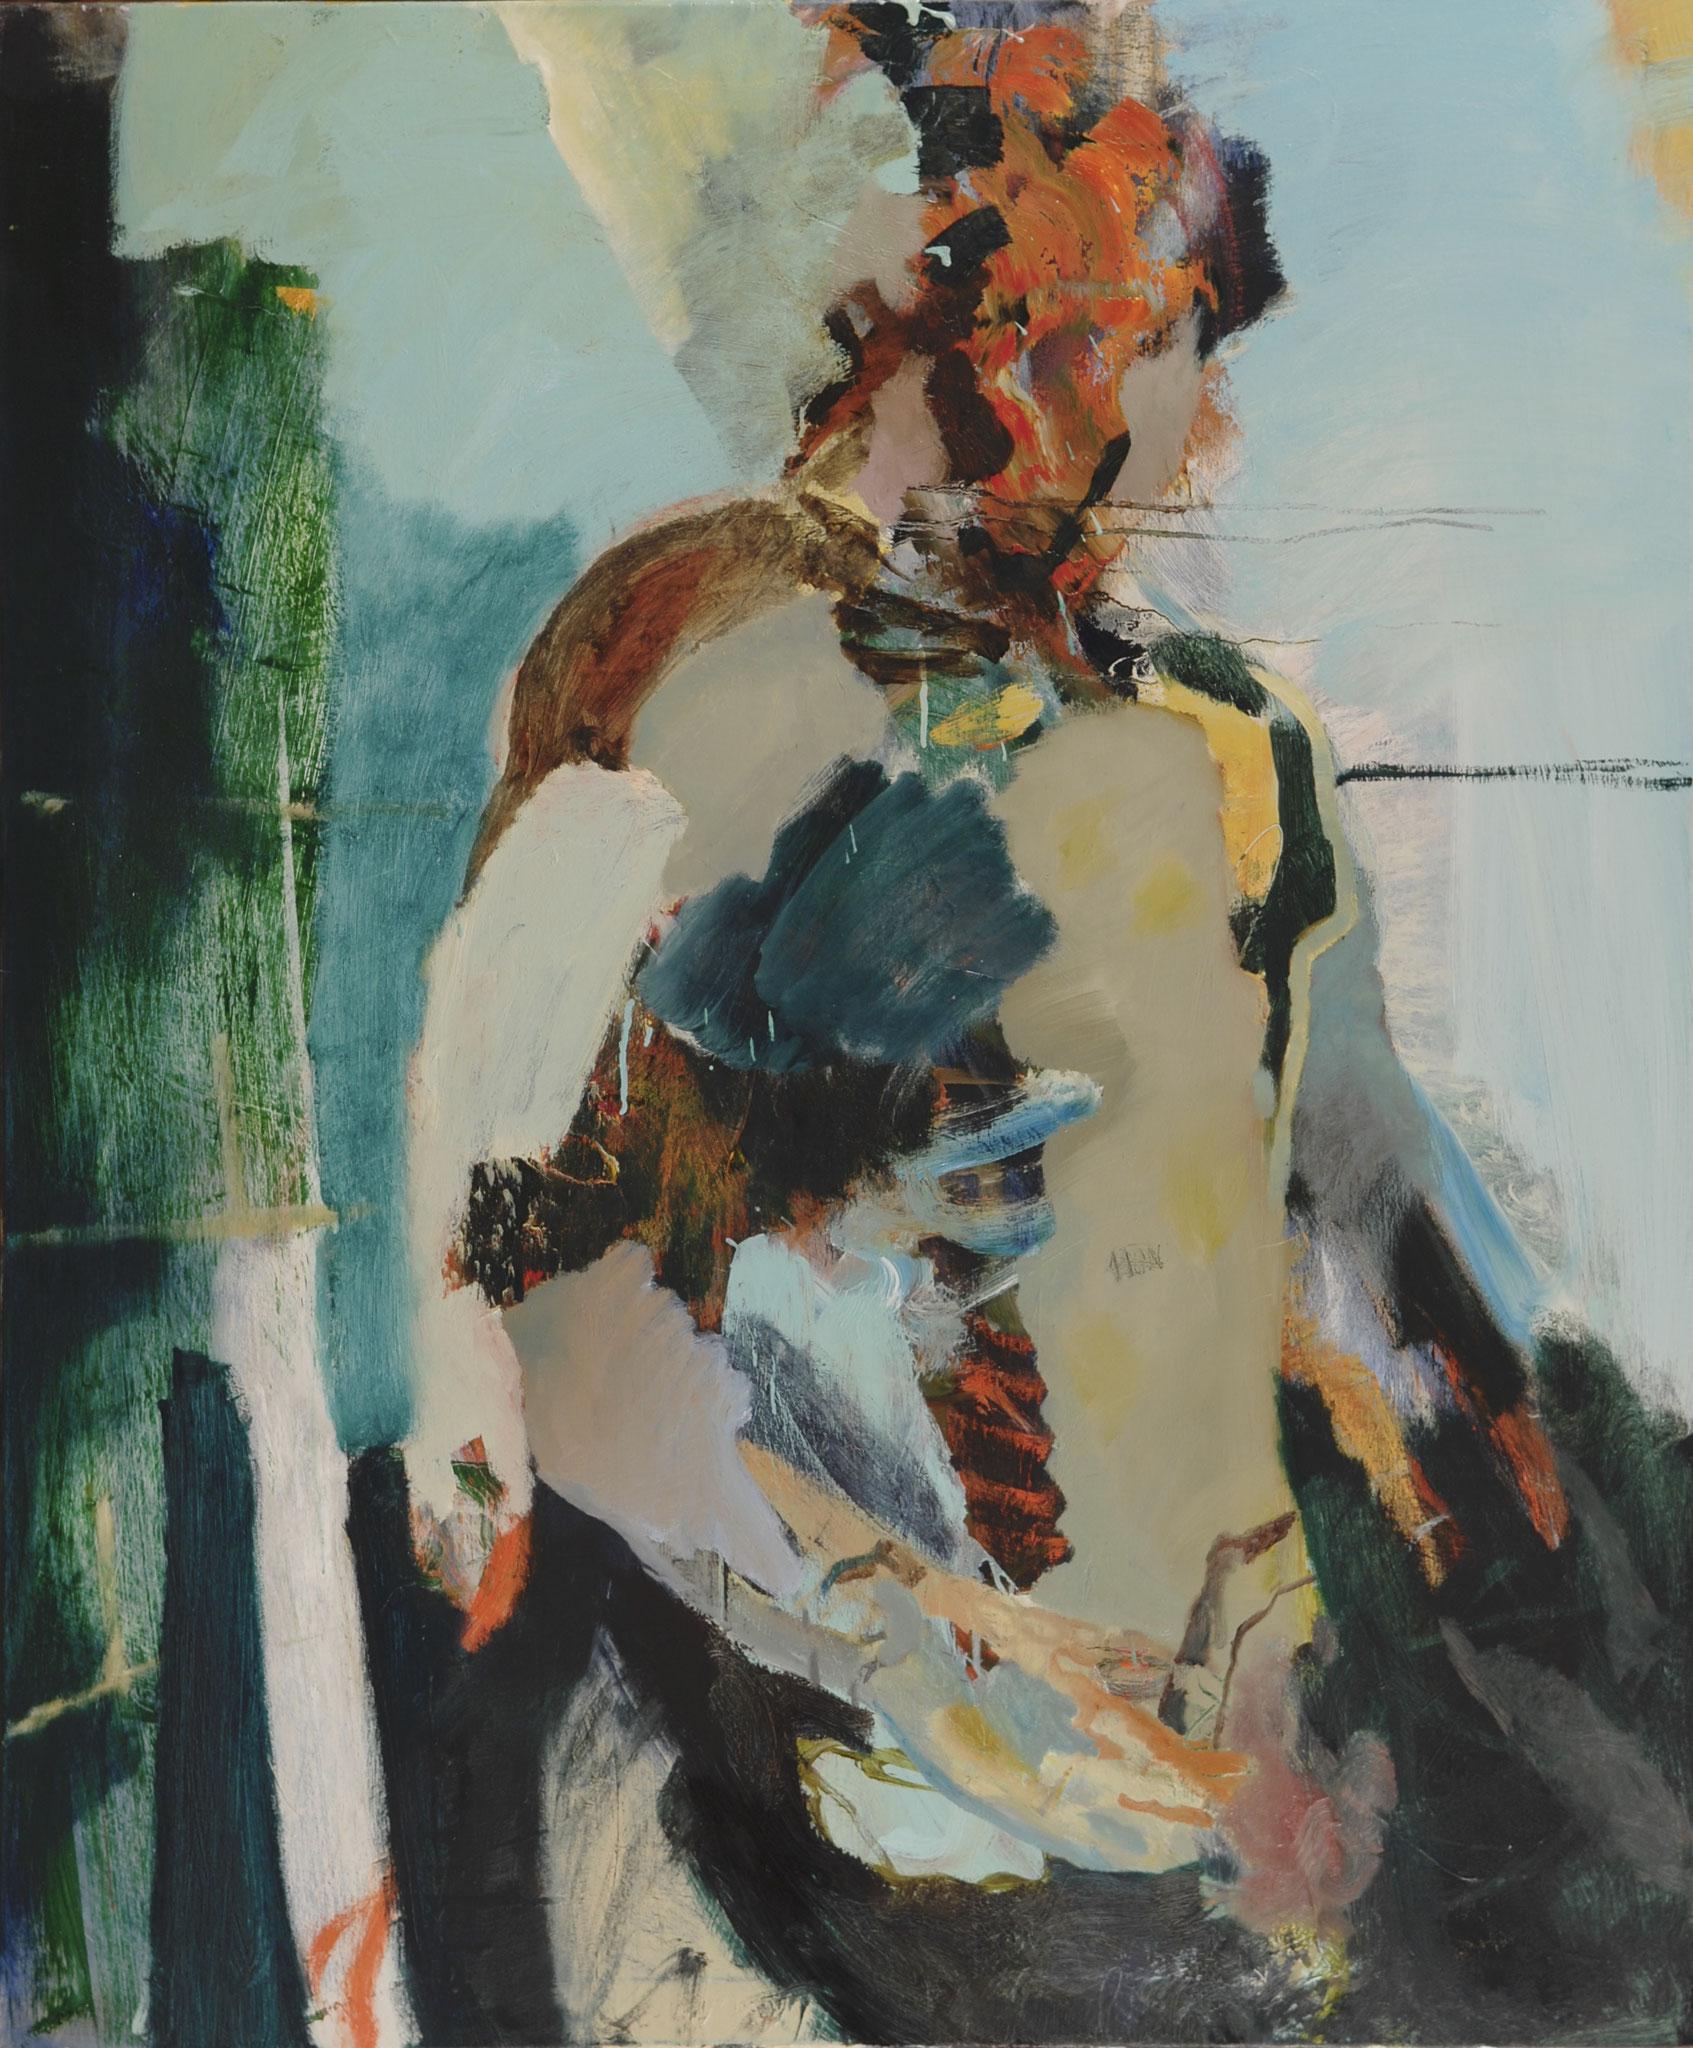 40  |  Ohne Titel  |  2016  |  Öl auf Leinwand  |  120 x 100cm